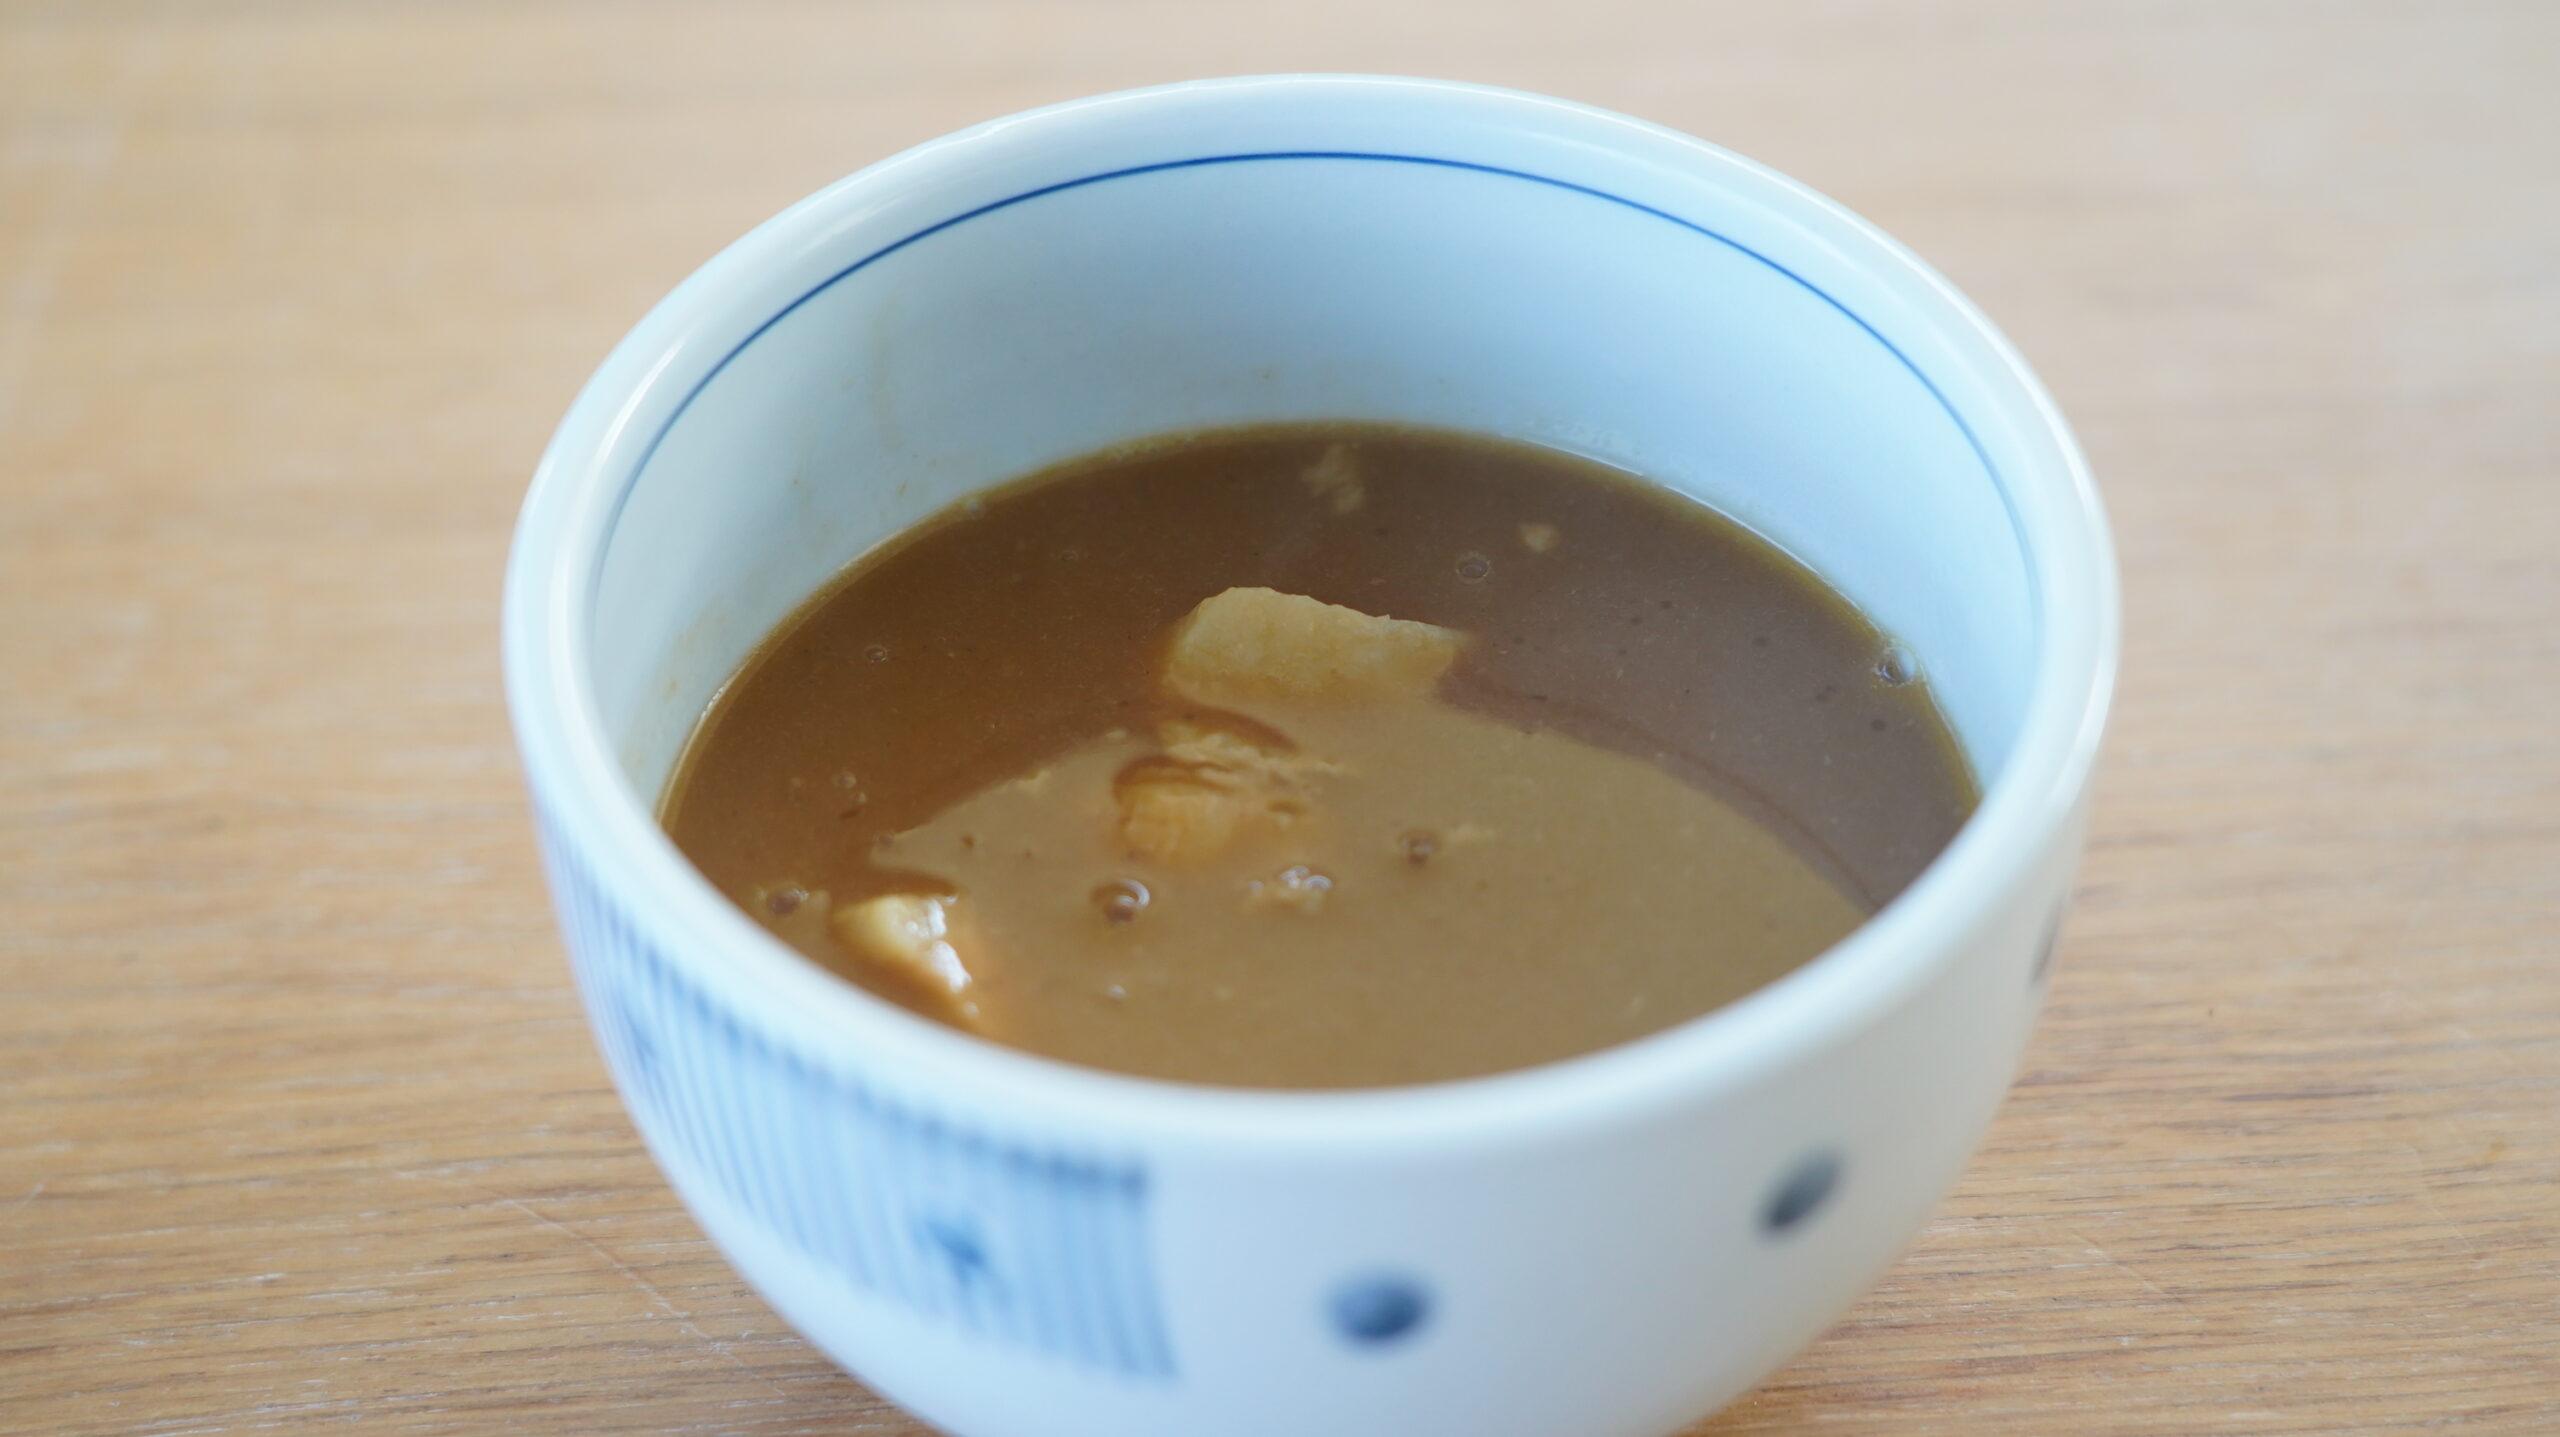 「風雲児」の「つけめん」をオンライン通販でお取り寄せした冷凍ラーメンのスープの写真